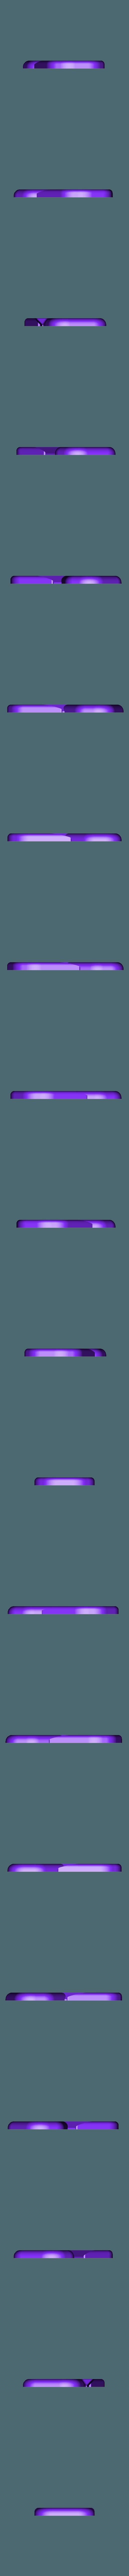 linecutter2.stl Télécharger fichier STL gratuit Coupe-ligne • Plan pour impression 3D, TheRa